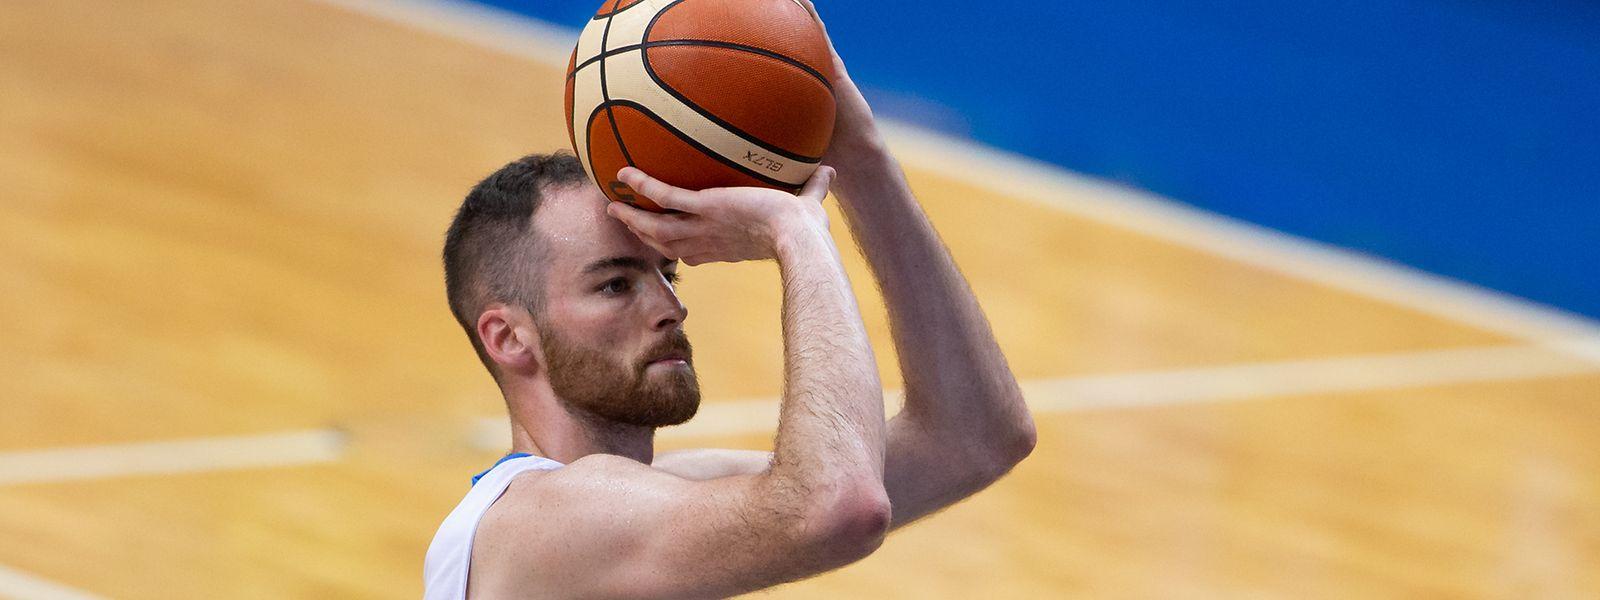 Bei den Spielen der kleinen europäischen Staaten war Clancy Rugg bereits für Luxemburg spielberechtigt.